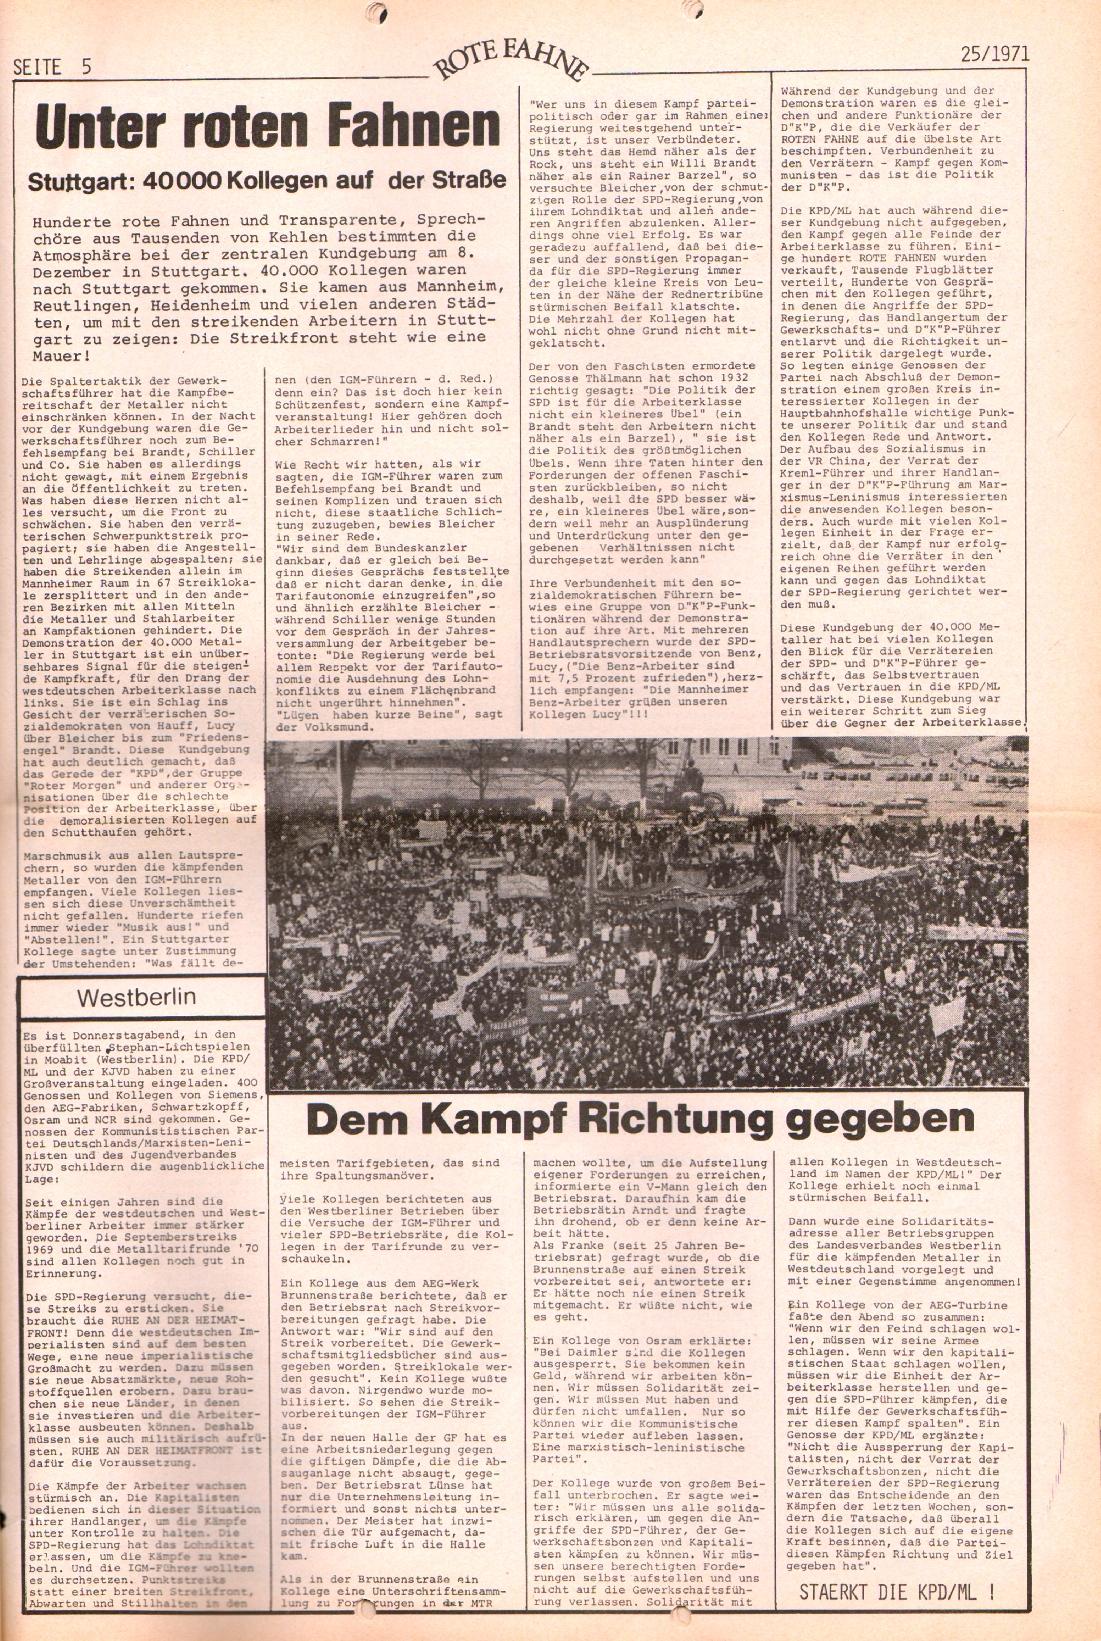 Rote Fahne, 2. Jg., 20.12.1971, Nr. 25, Seite 5